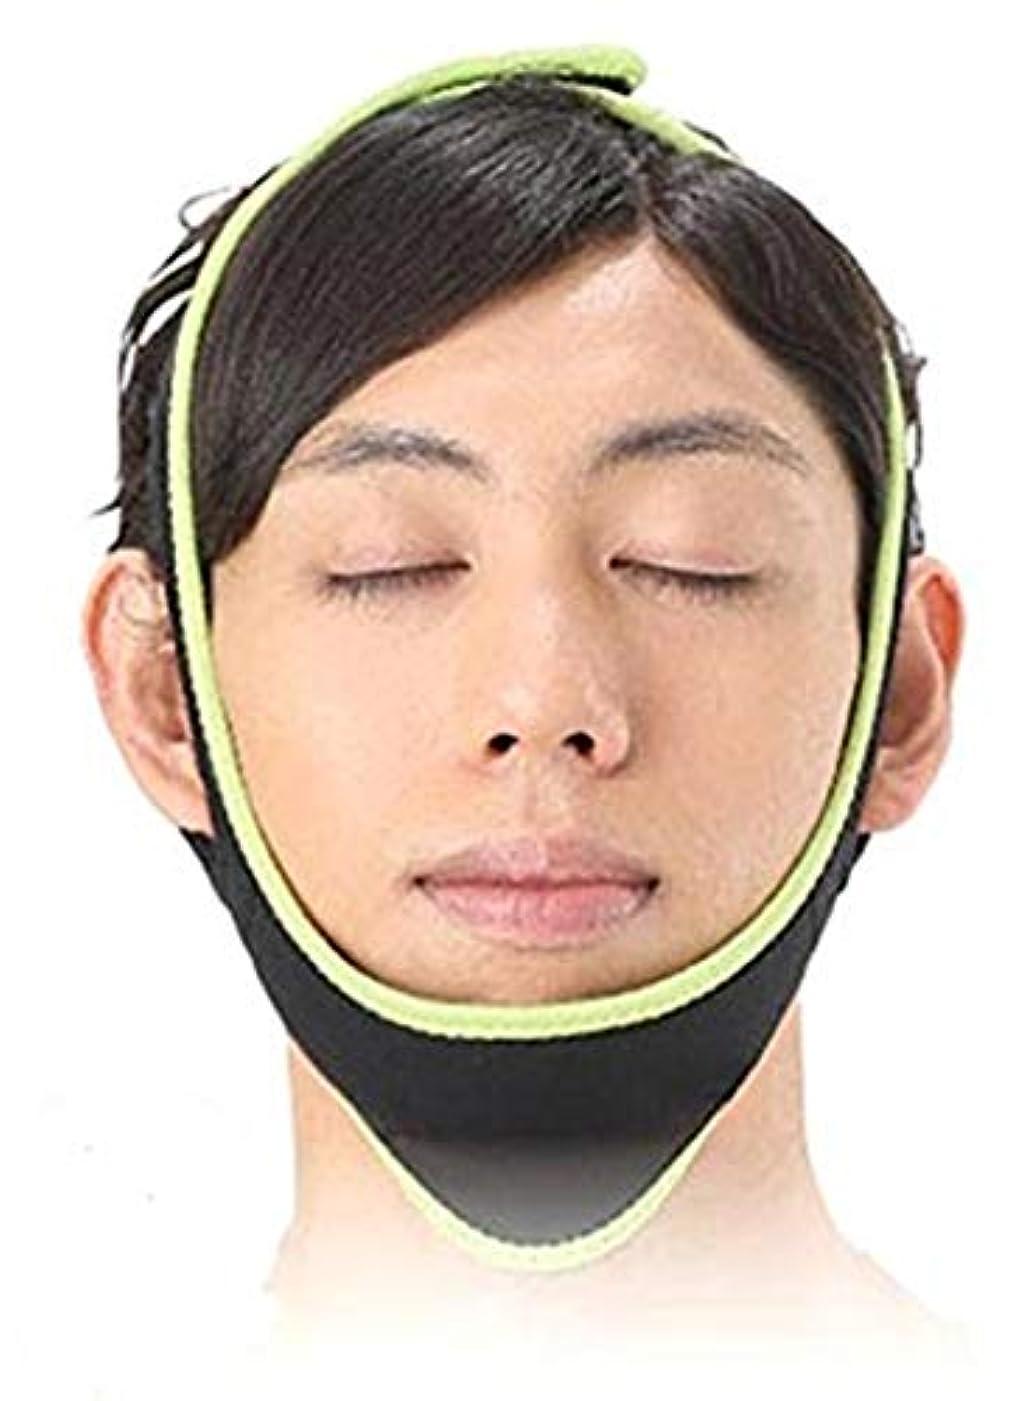 協同タオルモーターCREPUSCOLO 小顔へ! 小顔リフトアップ ベルト 小顔マスク 小顔コルセット 小顔矯正 美容グッズ 美顔器 メンズ